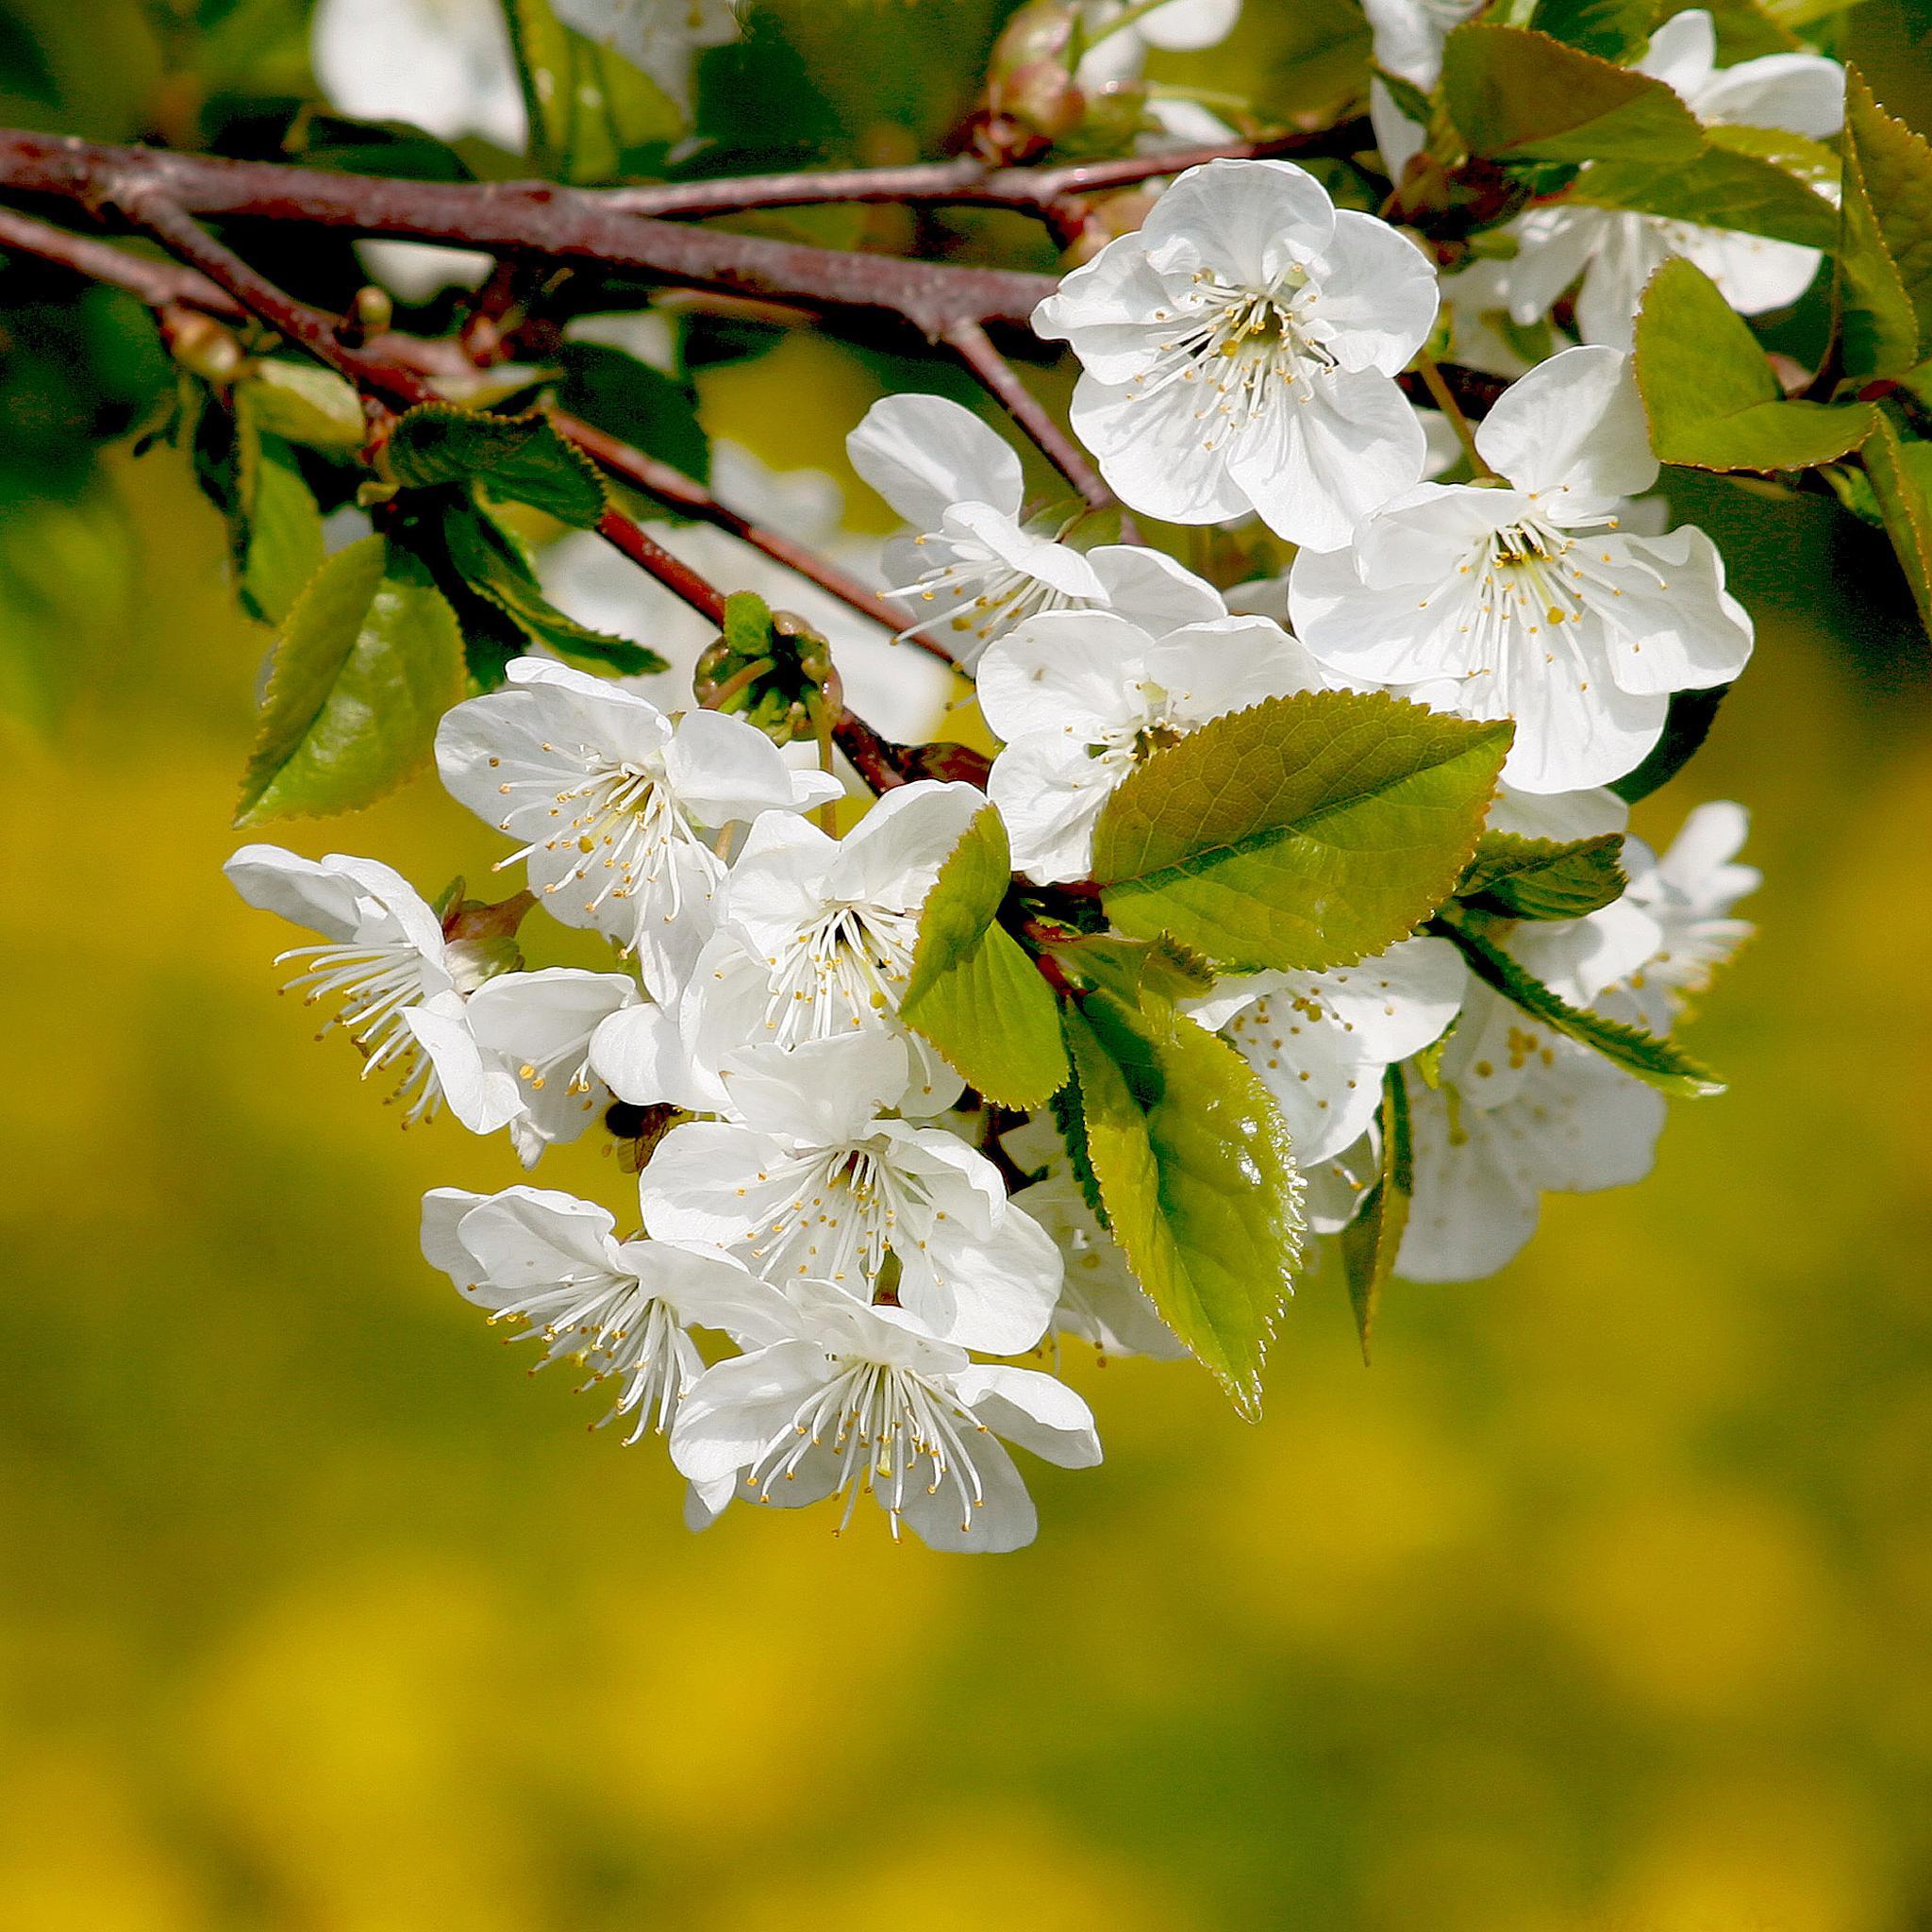 Cherry blossom by regzech